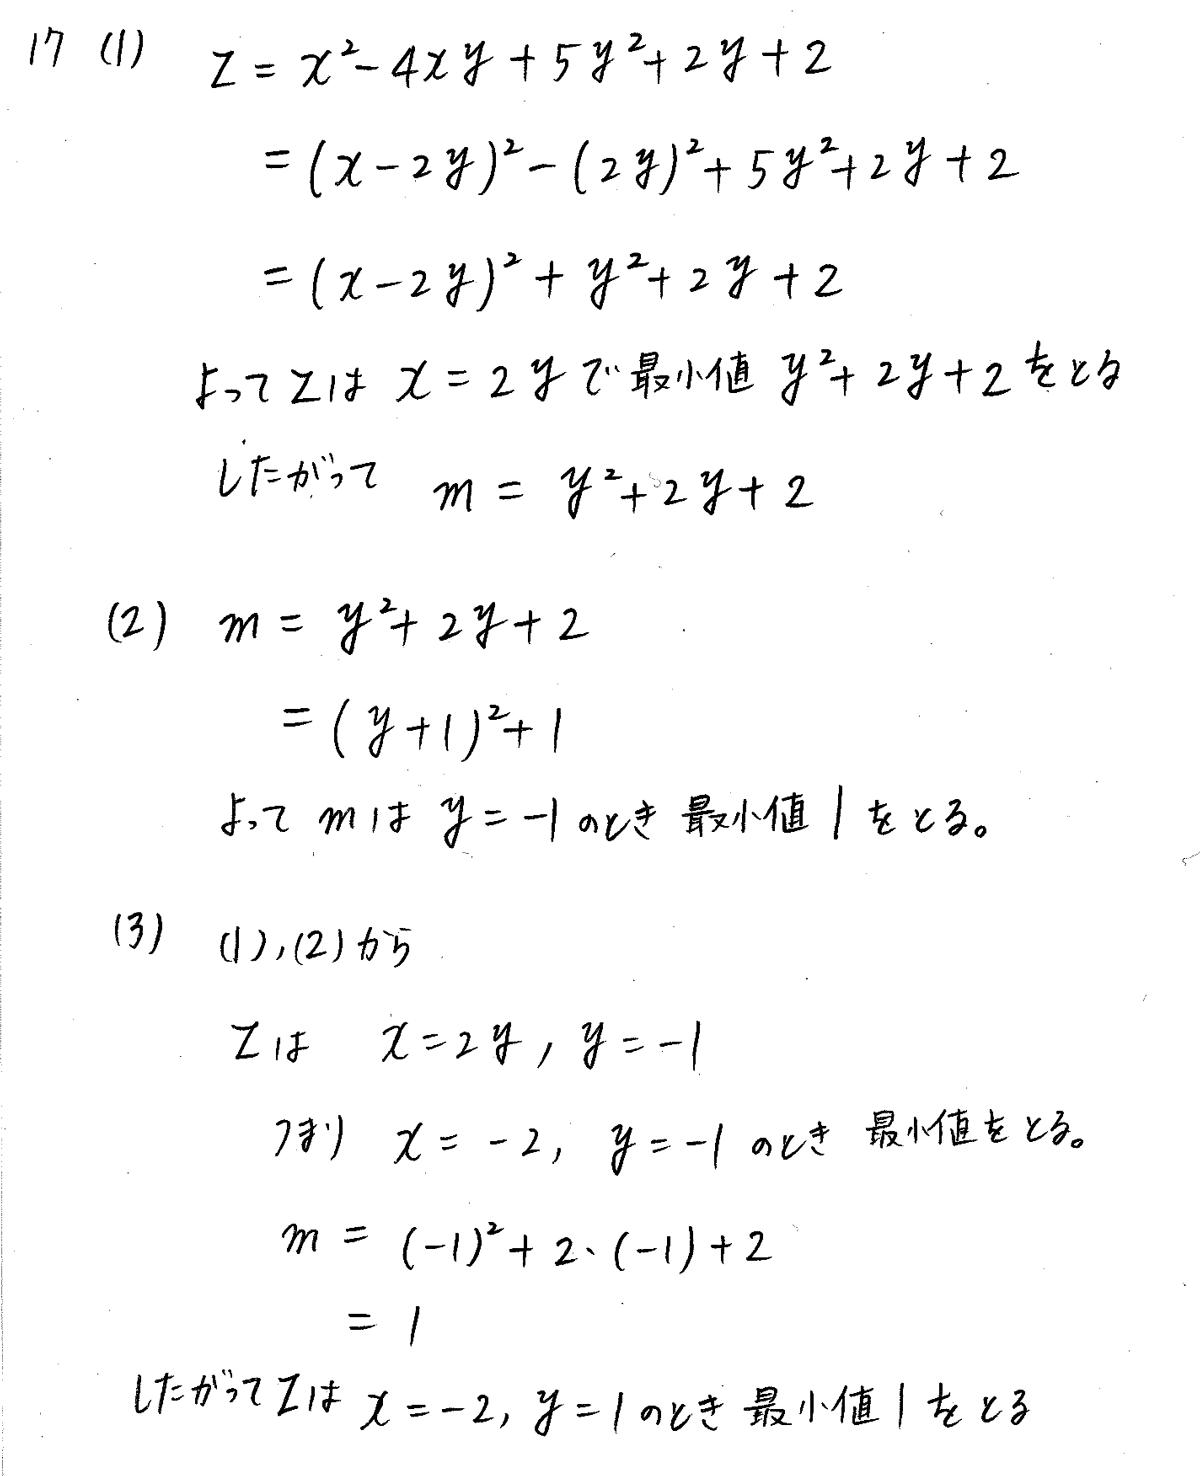 4プロセス数学1-s17解答